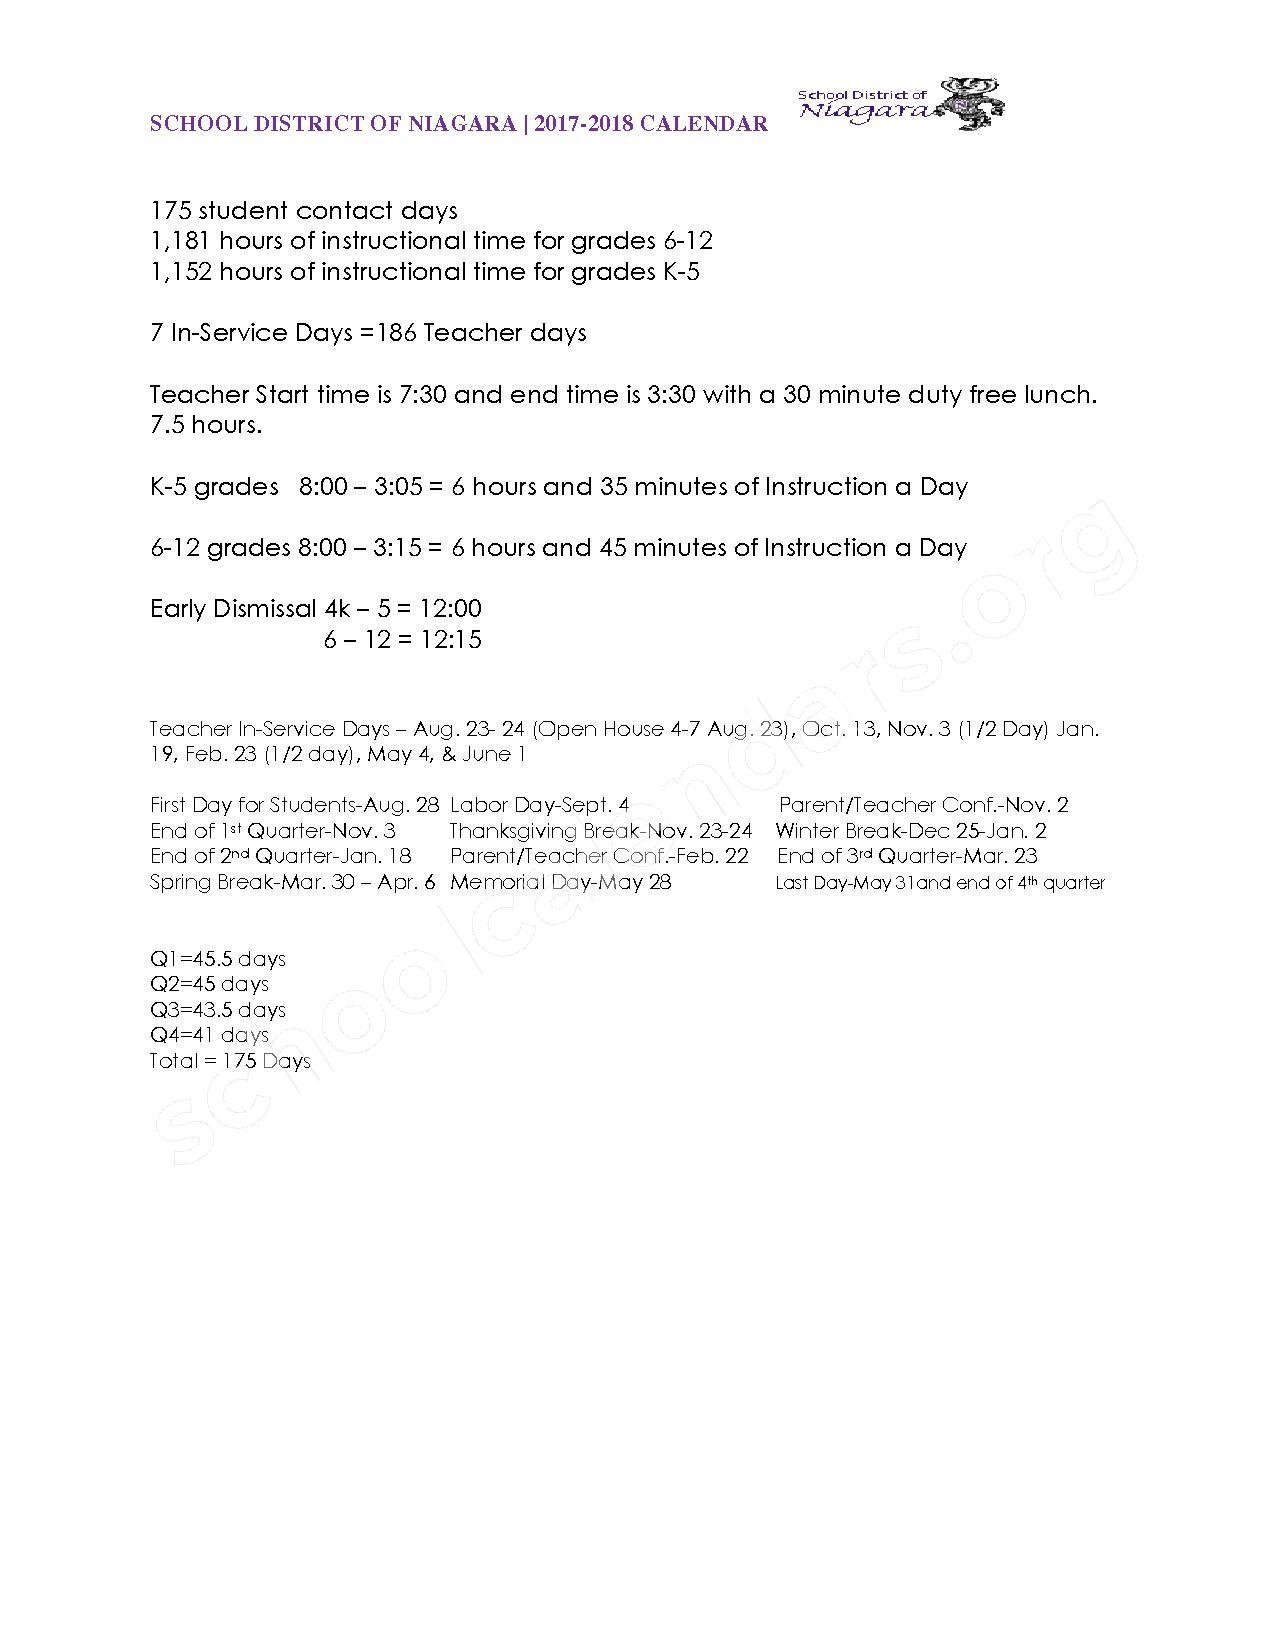 2017 - 2018 School Calendar – Niagara School District – page 2